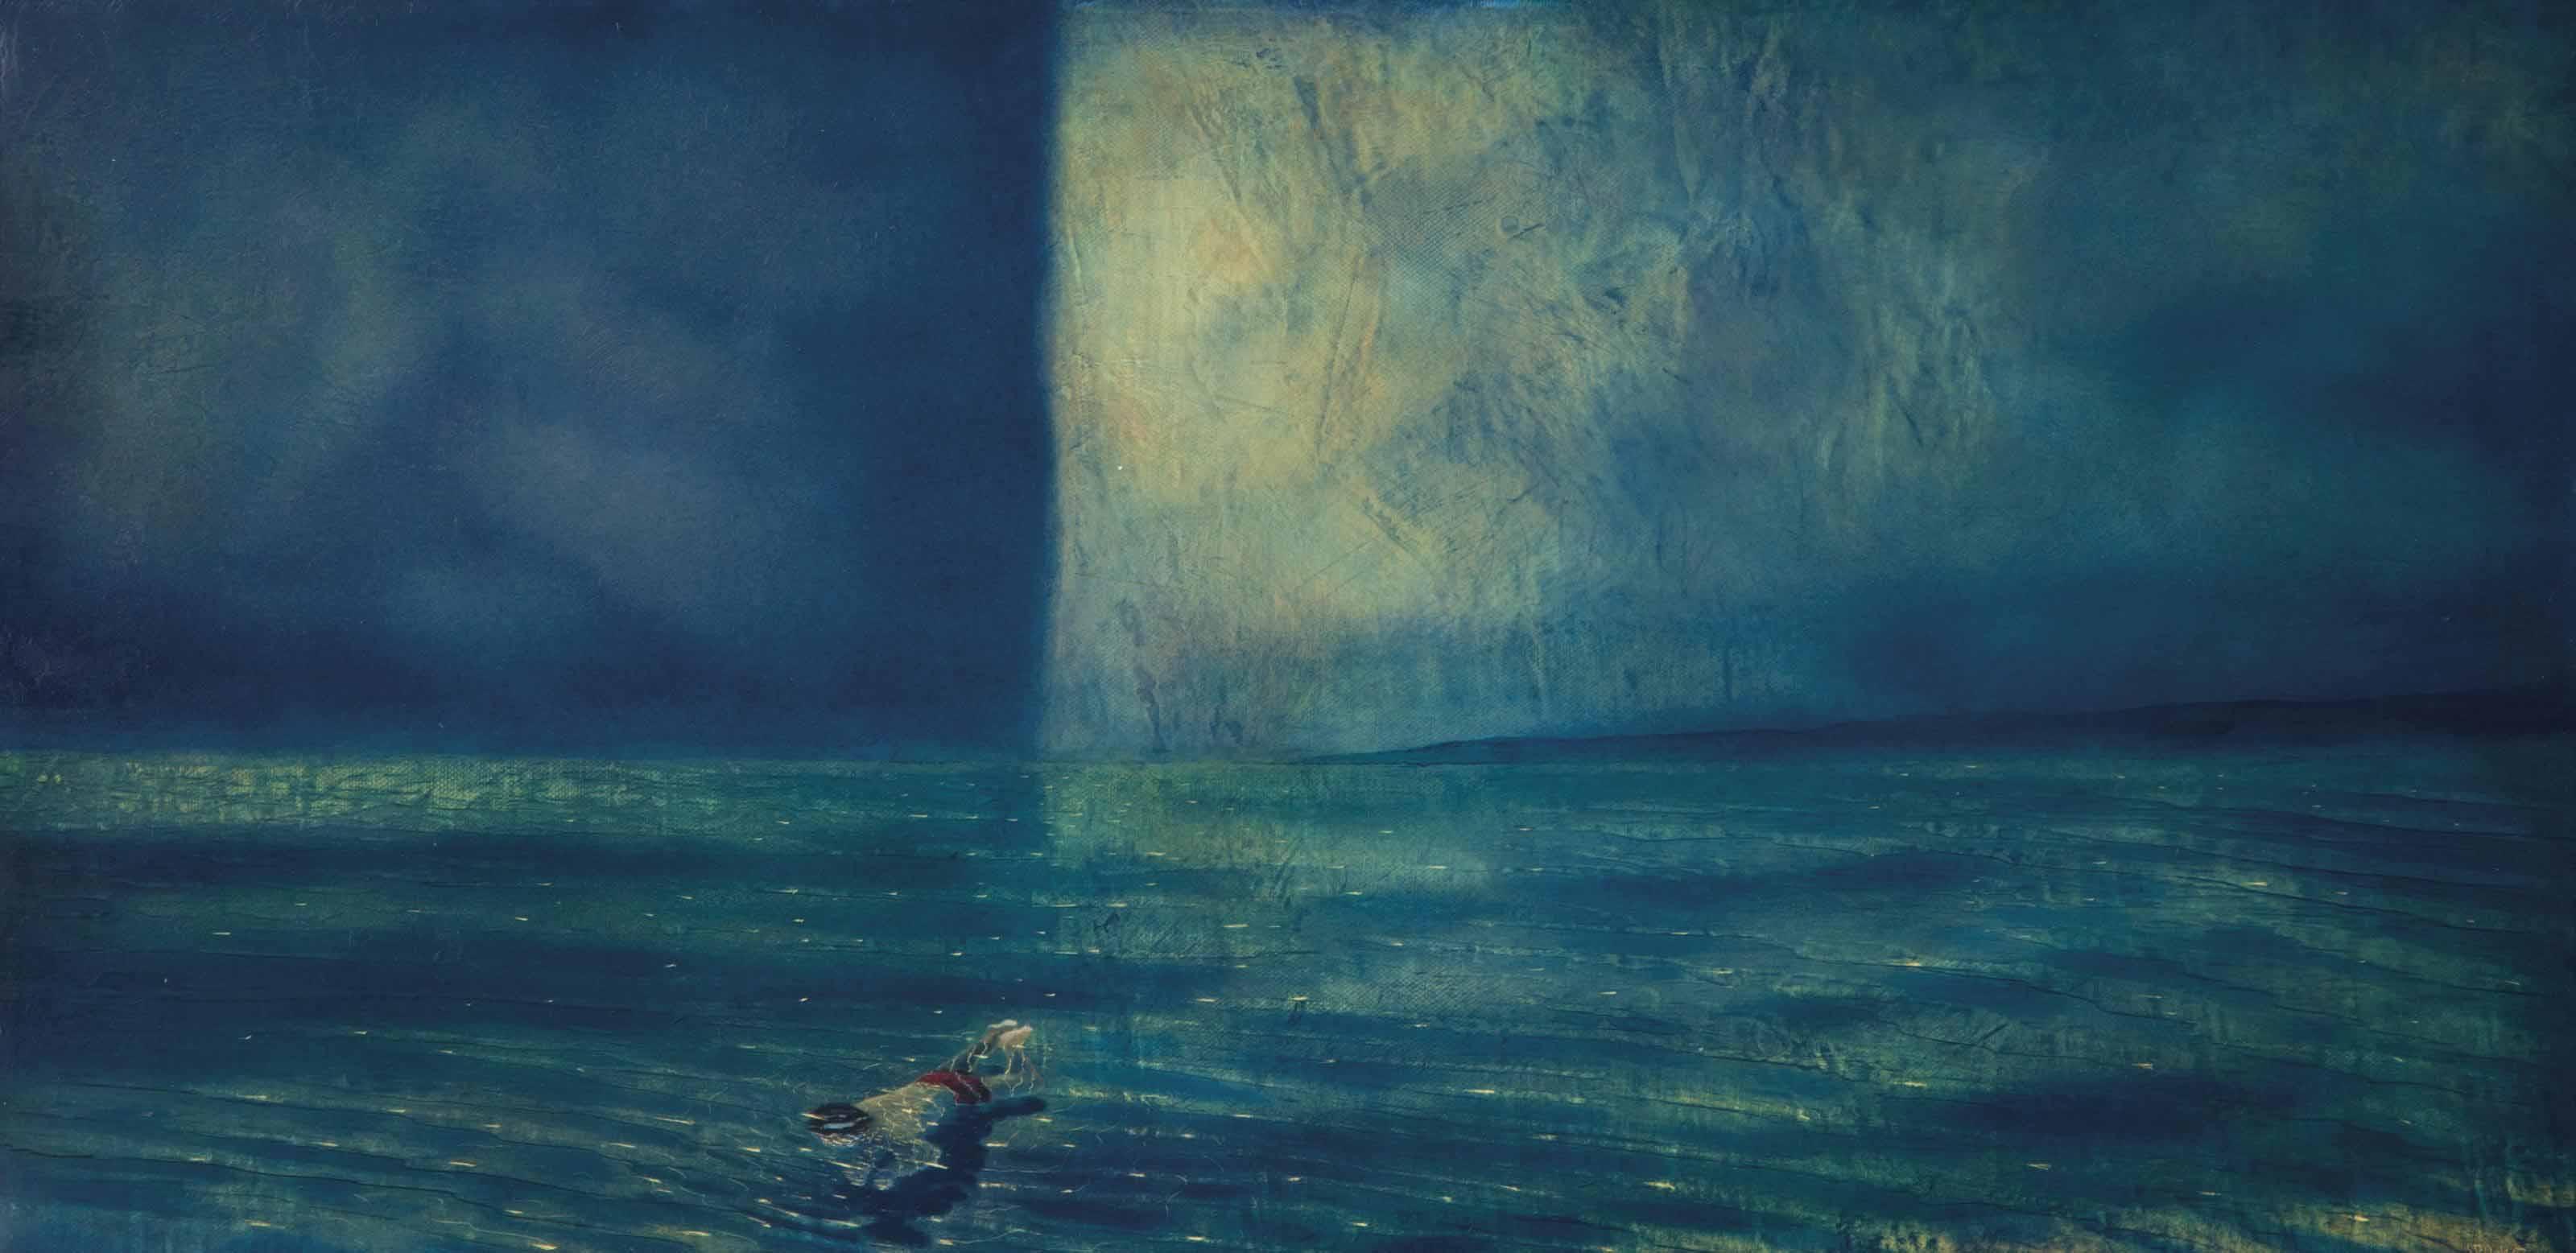 Horizons II/Swimmer